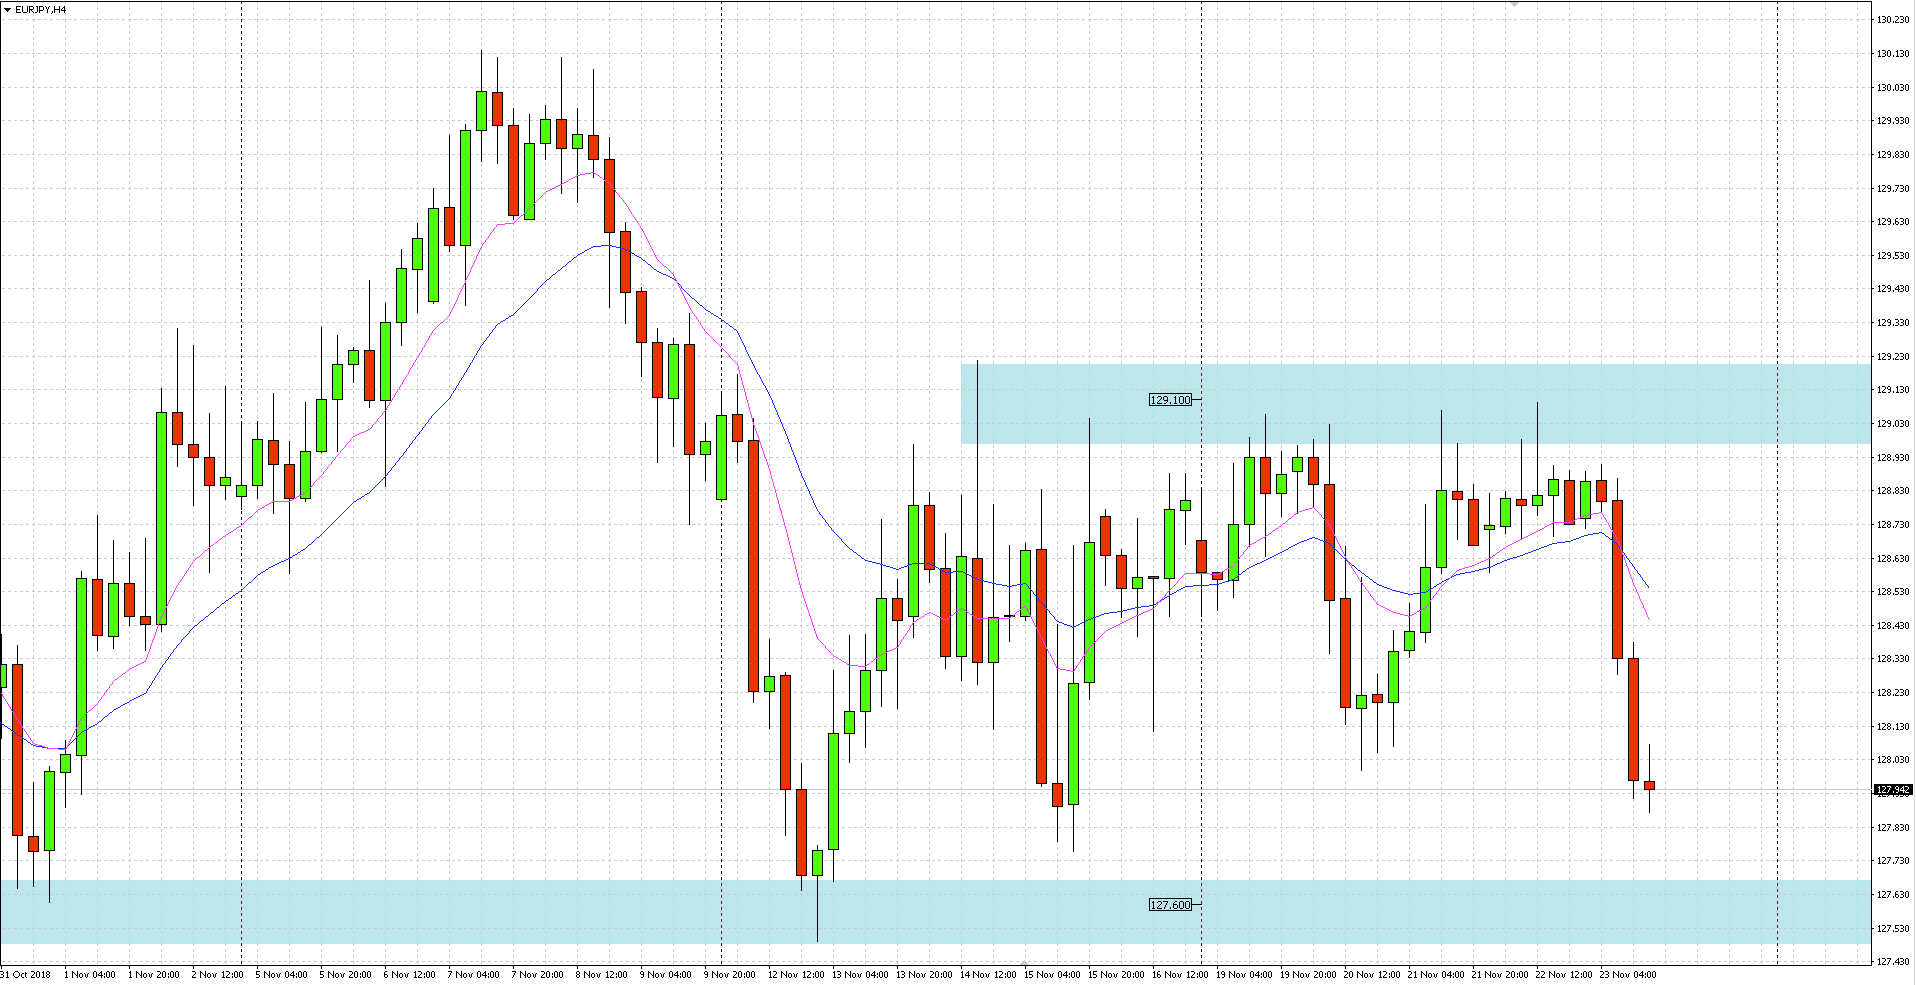 EURJPY - Po okresie konsolidacji pod oporem w obrębie 129.10, cena wyznaczyła dziś nowe minima